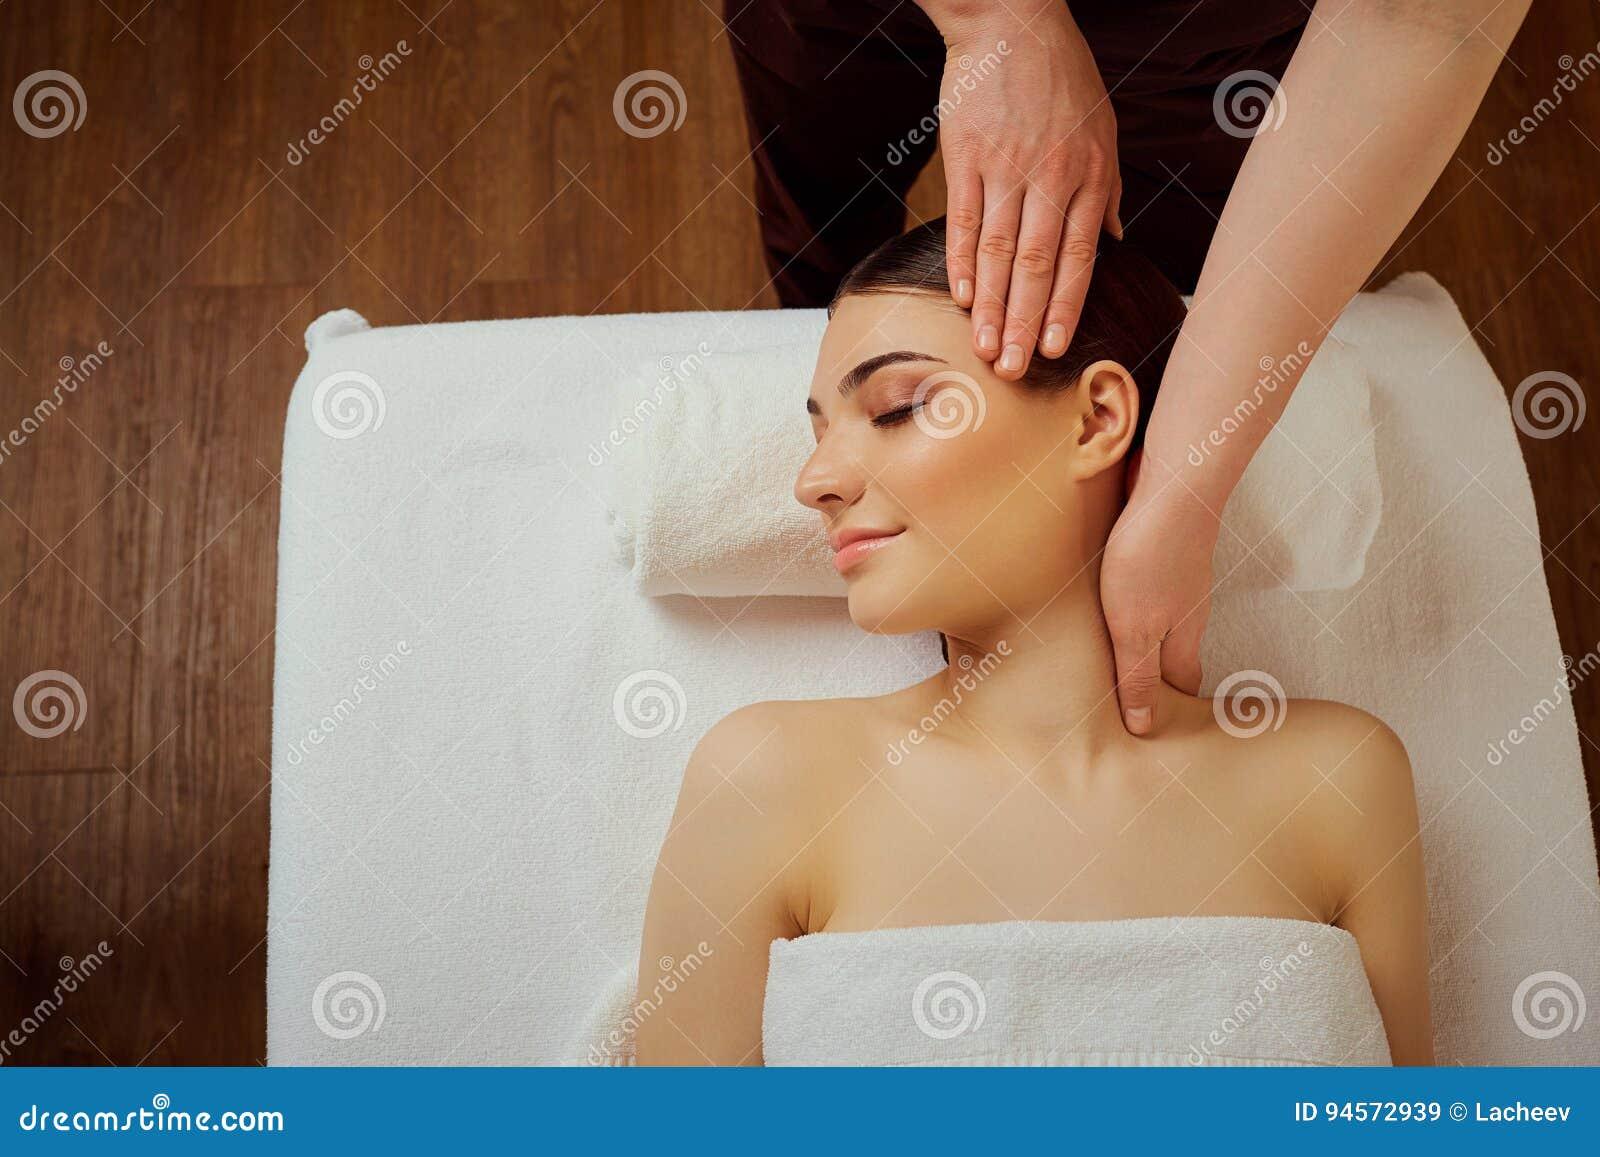 Massageroom Free Massage